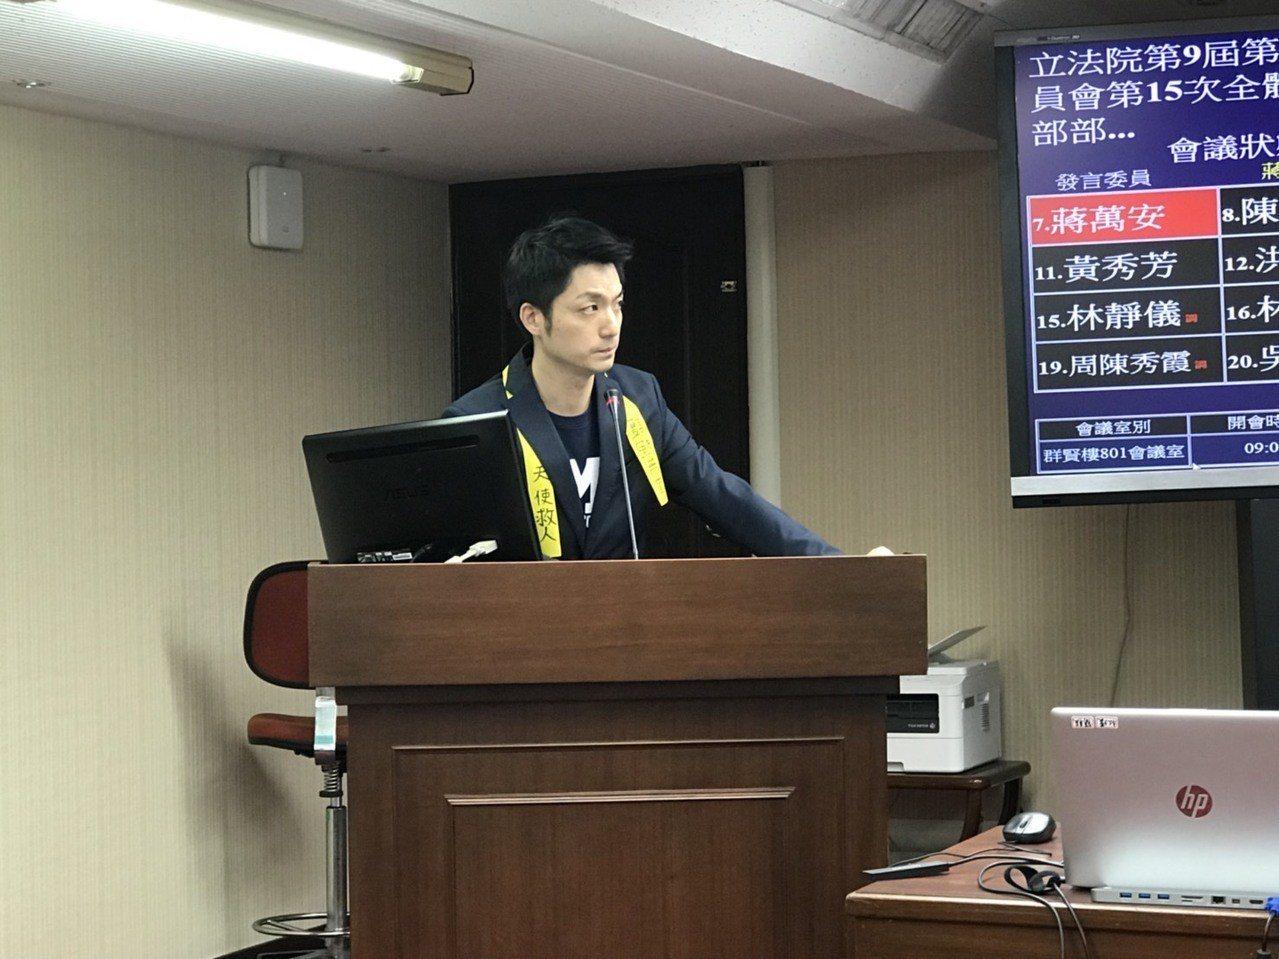 立委蔣萬安認為,兩基層護理人員遭起訴,來扛此事件並不合理,並希望衛福部能給予協助...